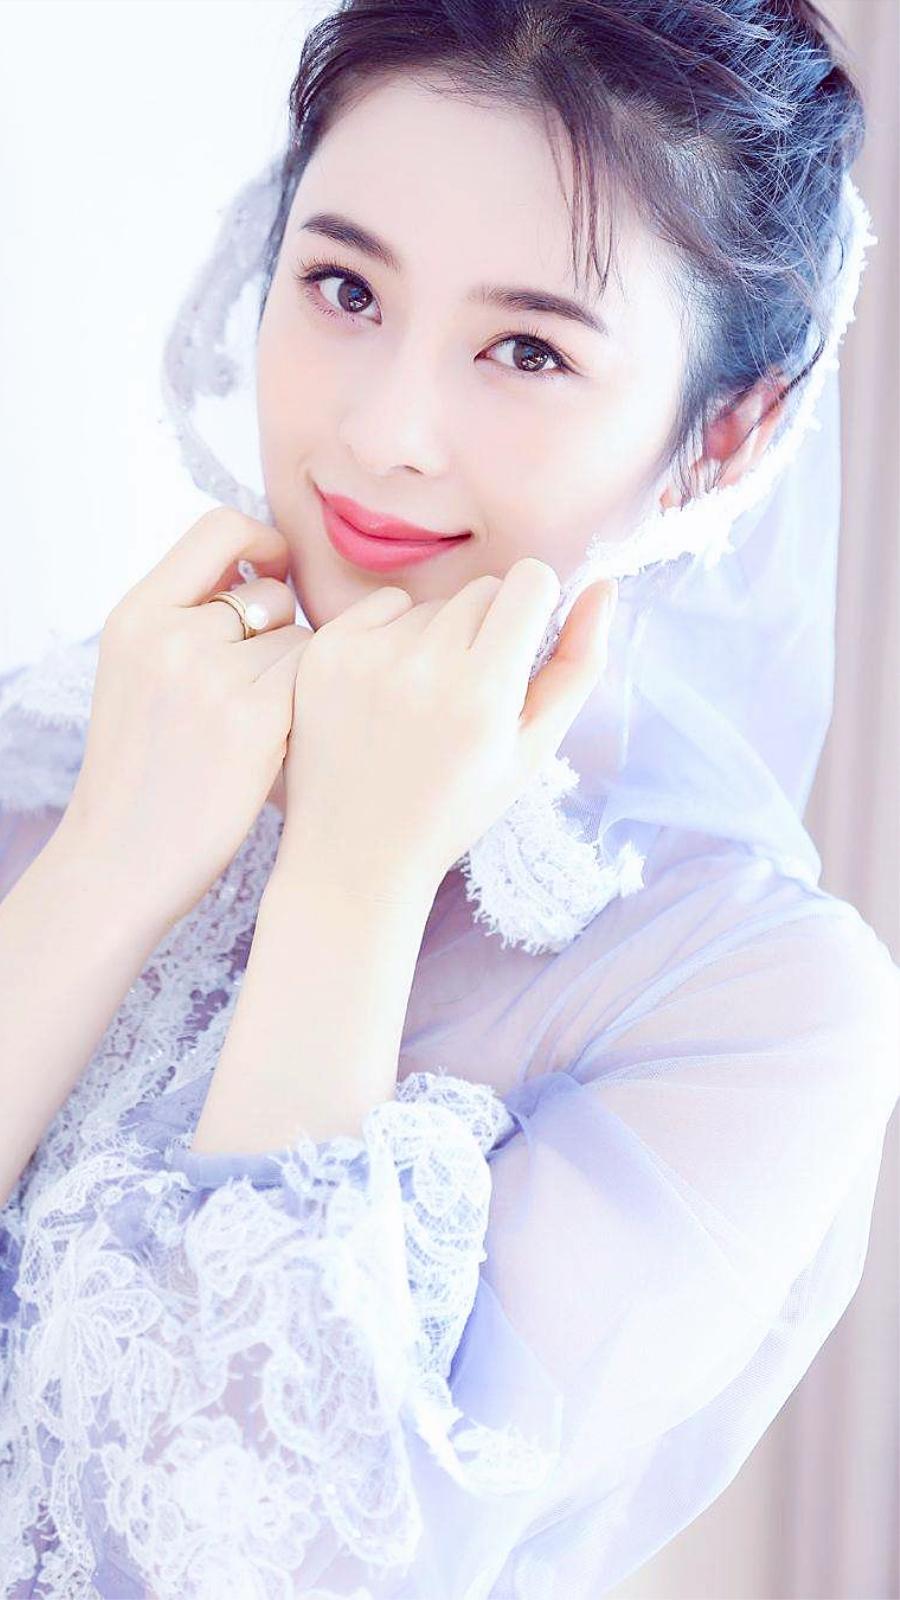 赵韩樱子唯美写真:漂亮的柳叶眉,一双含情的丹凤眼,妩媚而动人